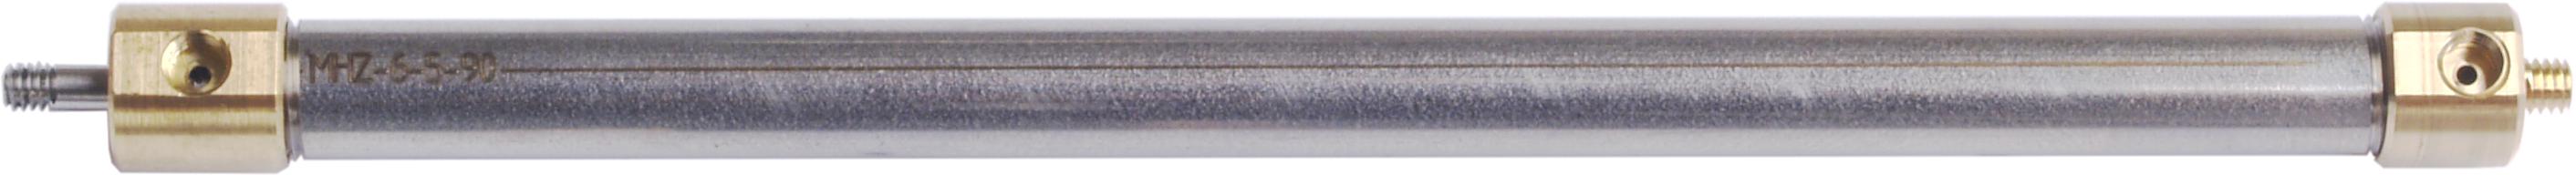 Hydraulikzylinder 90 mm Hub